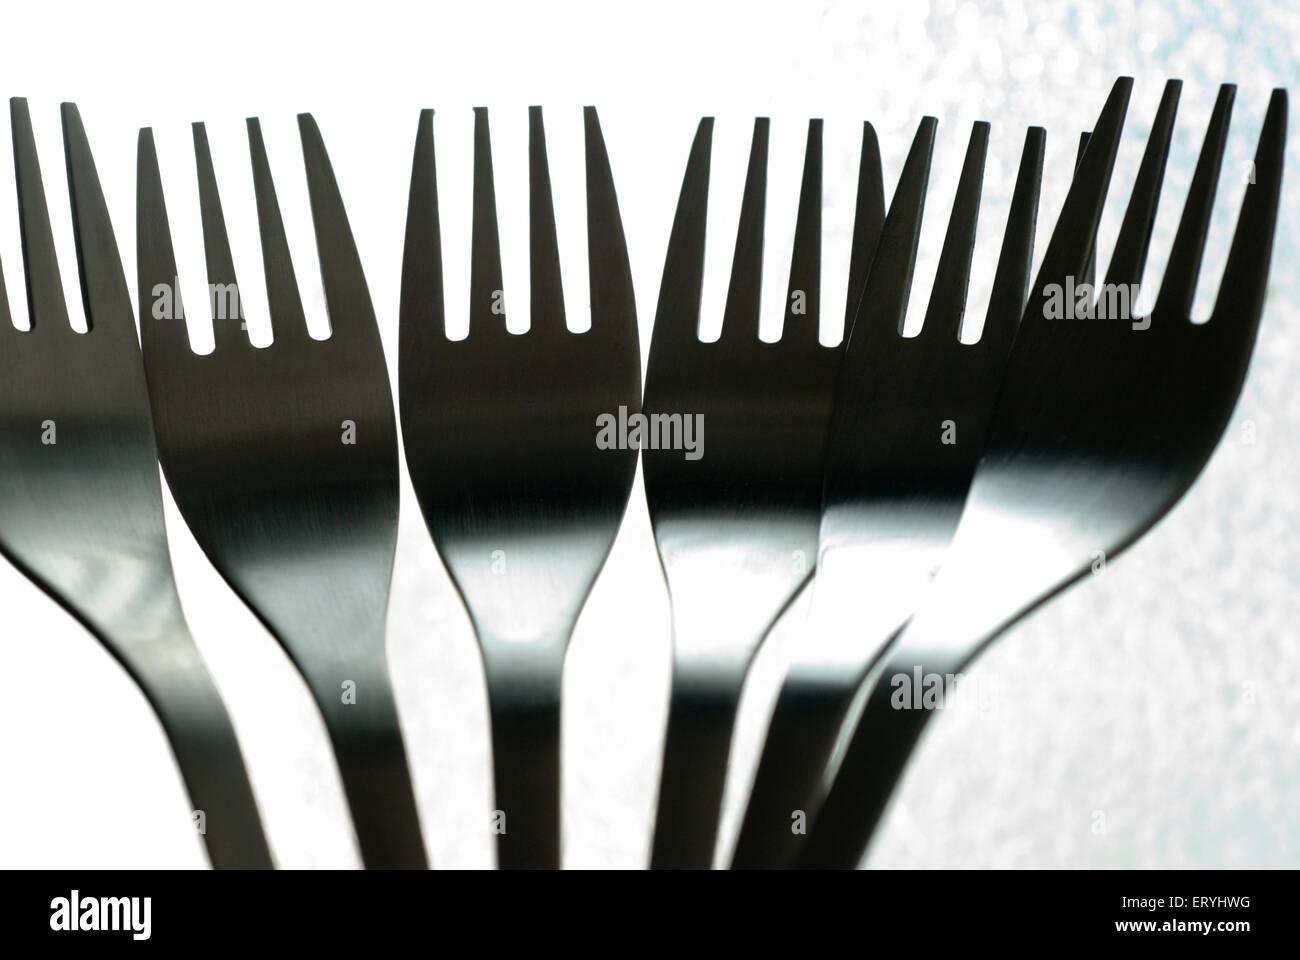 Edelstahl Küchengerät Gabeln auf hellem Hintergrund Stockbild